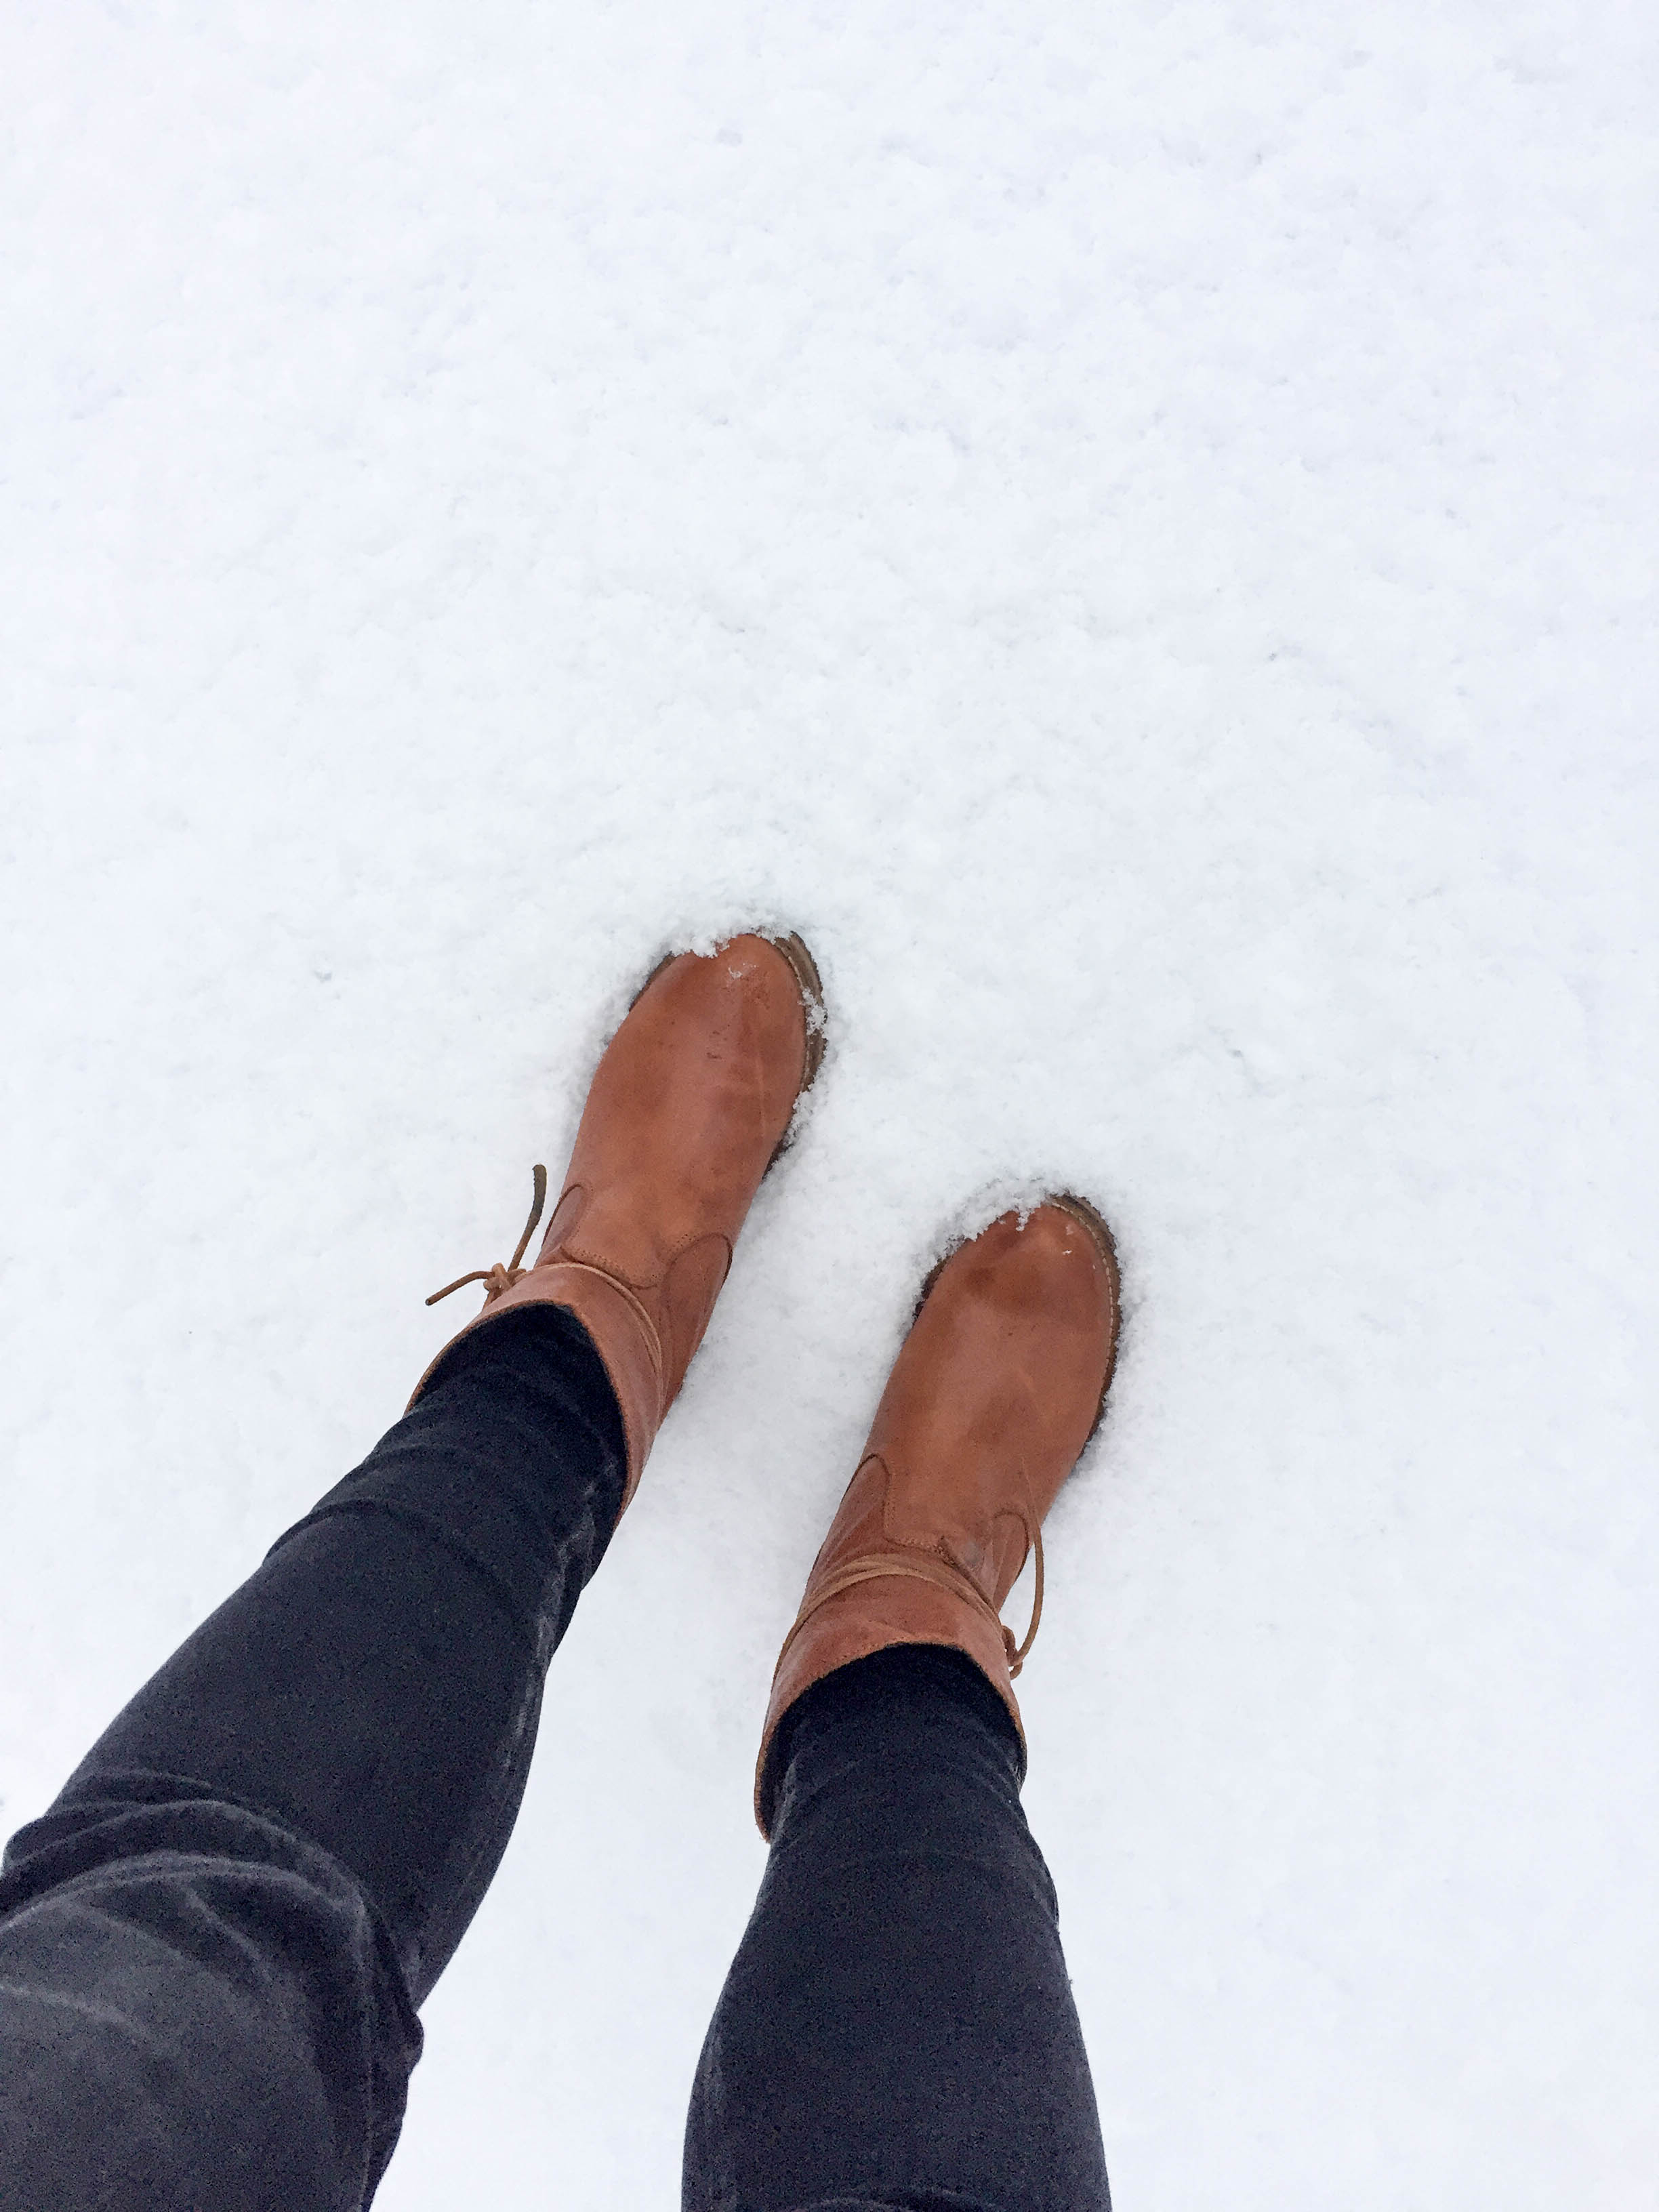 warten im Schnee